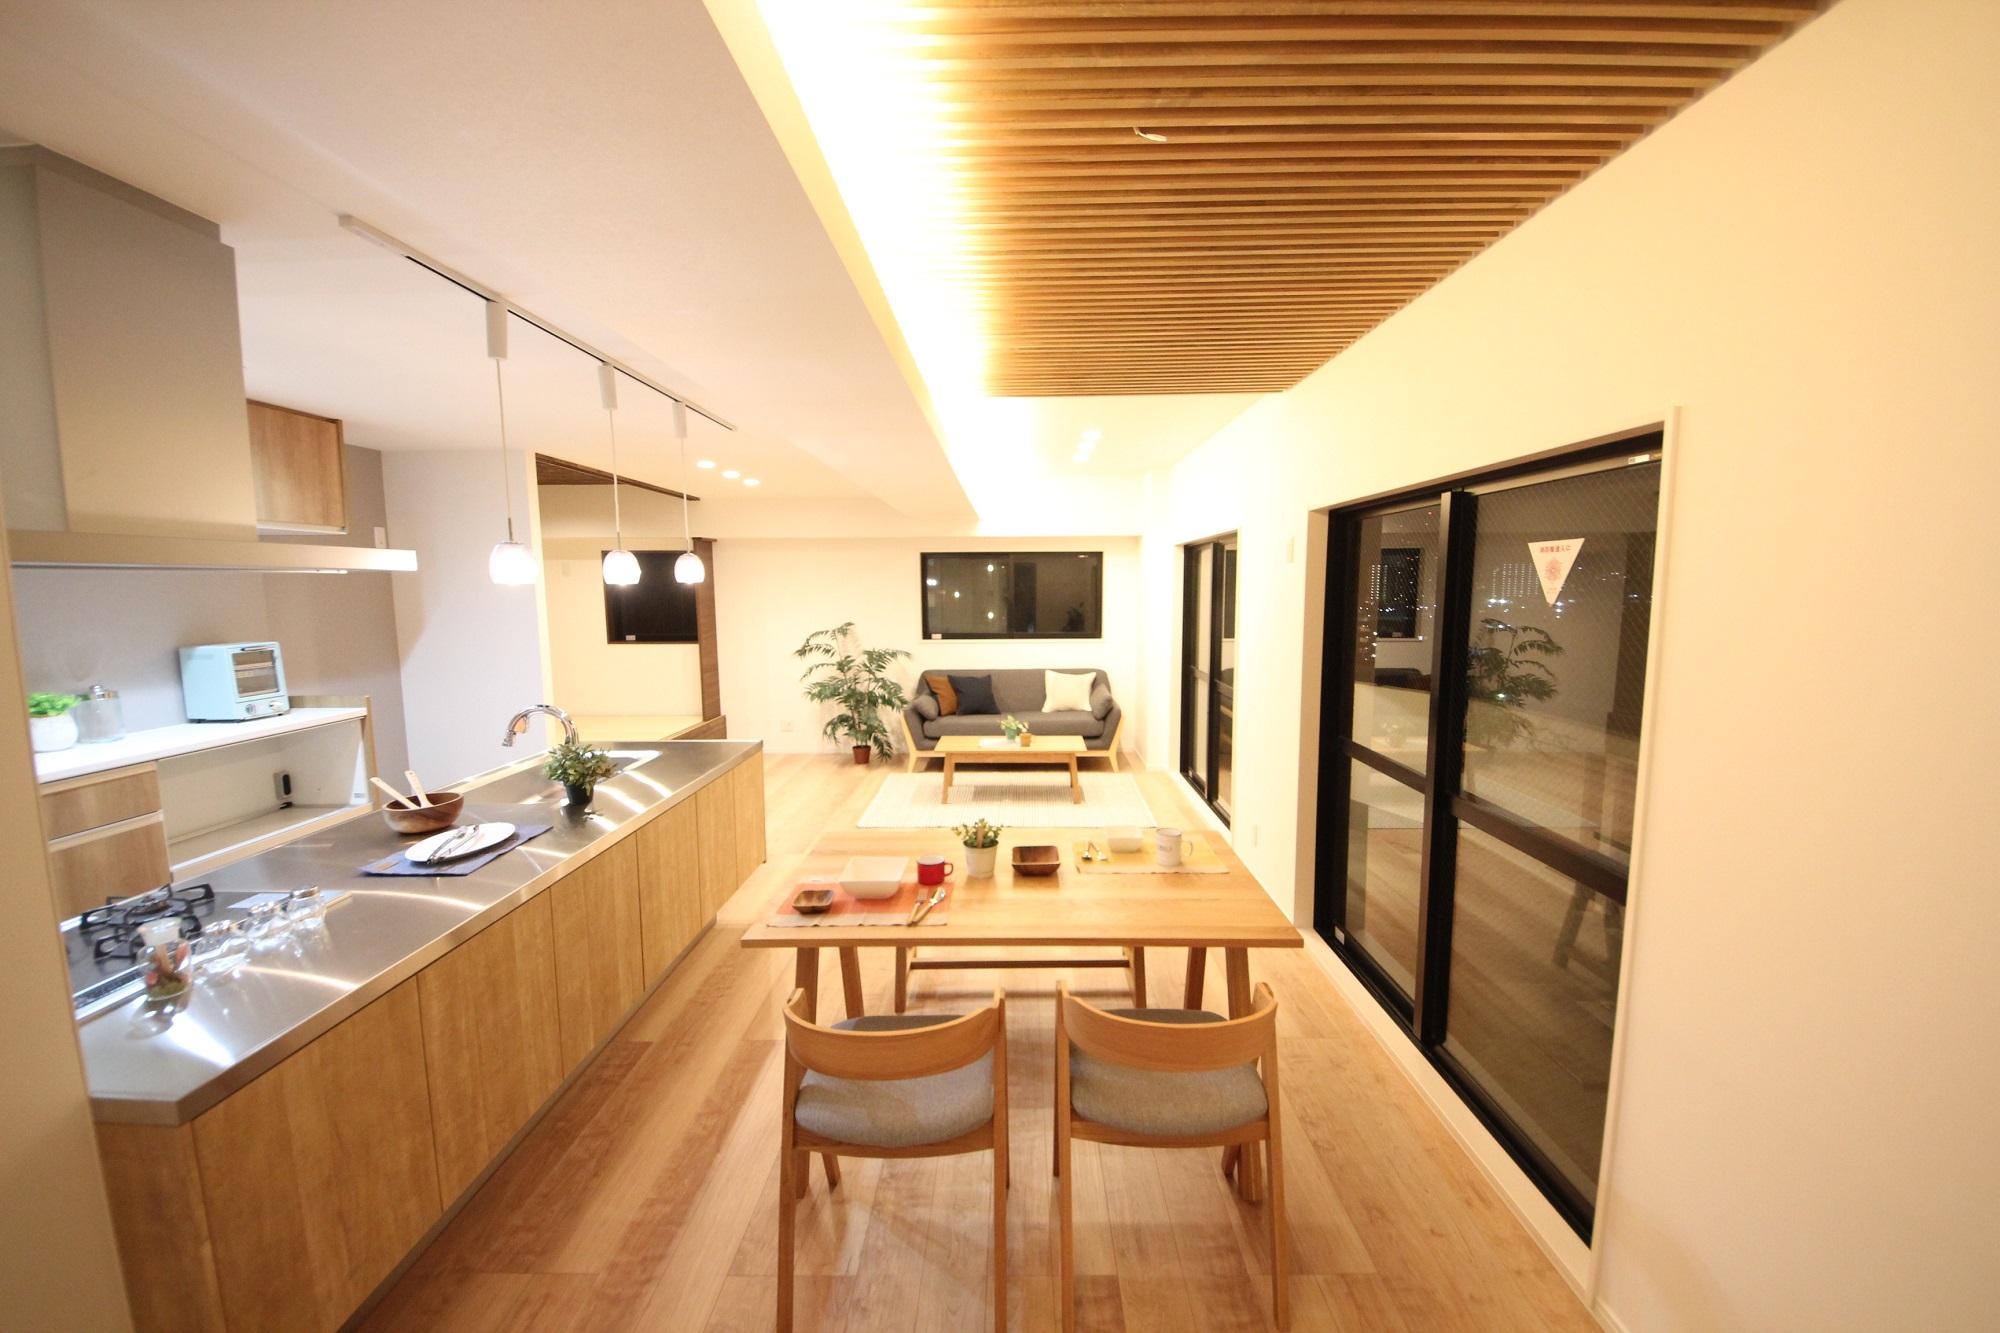 映える空間ーオープンキッチンの家